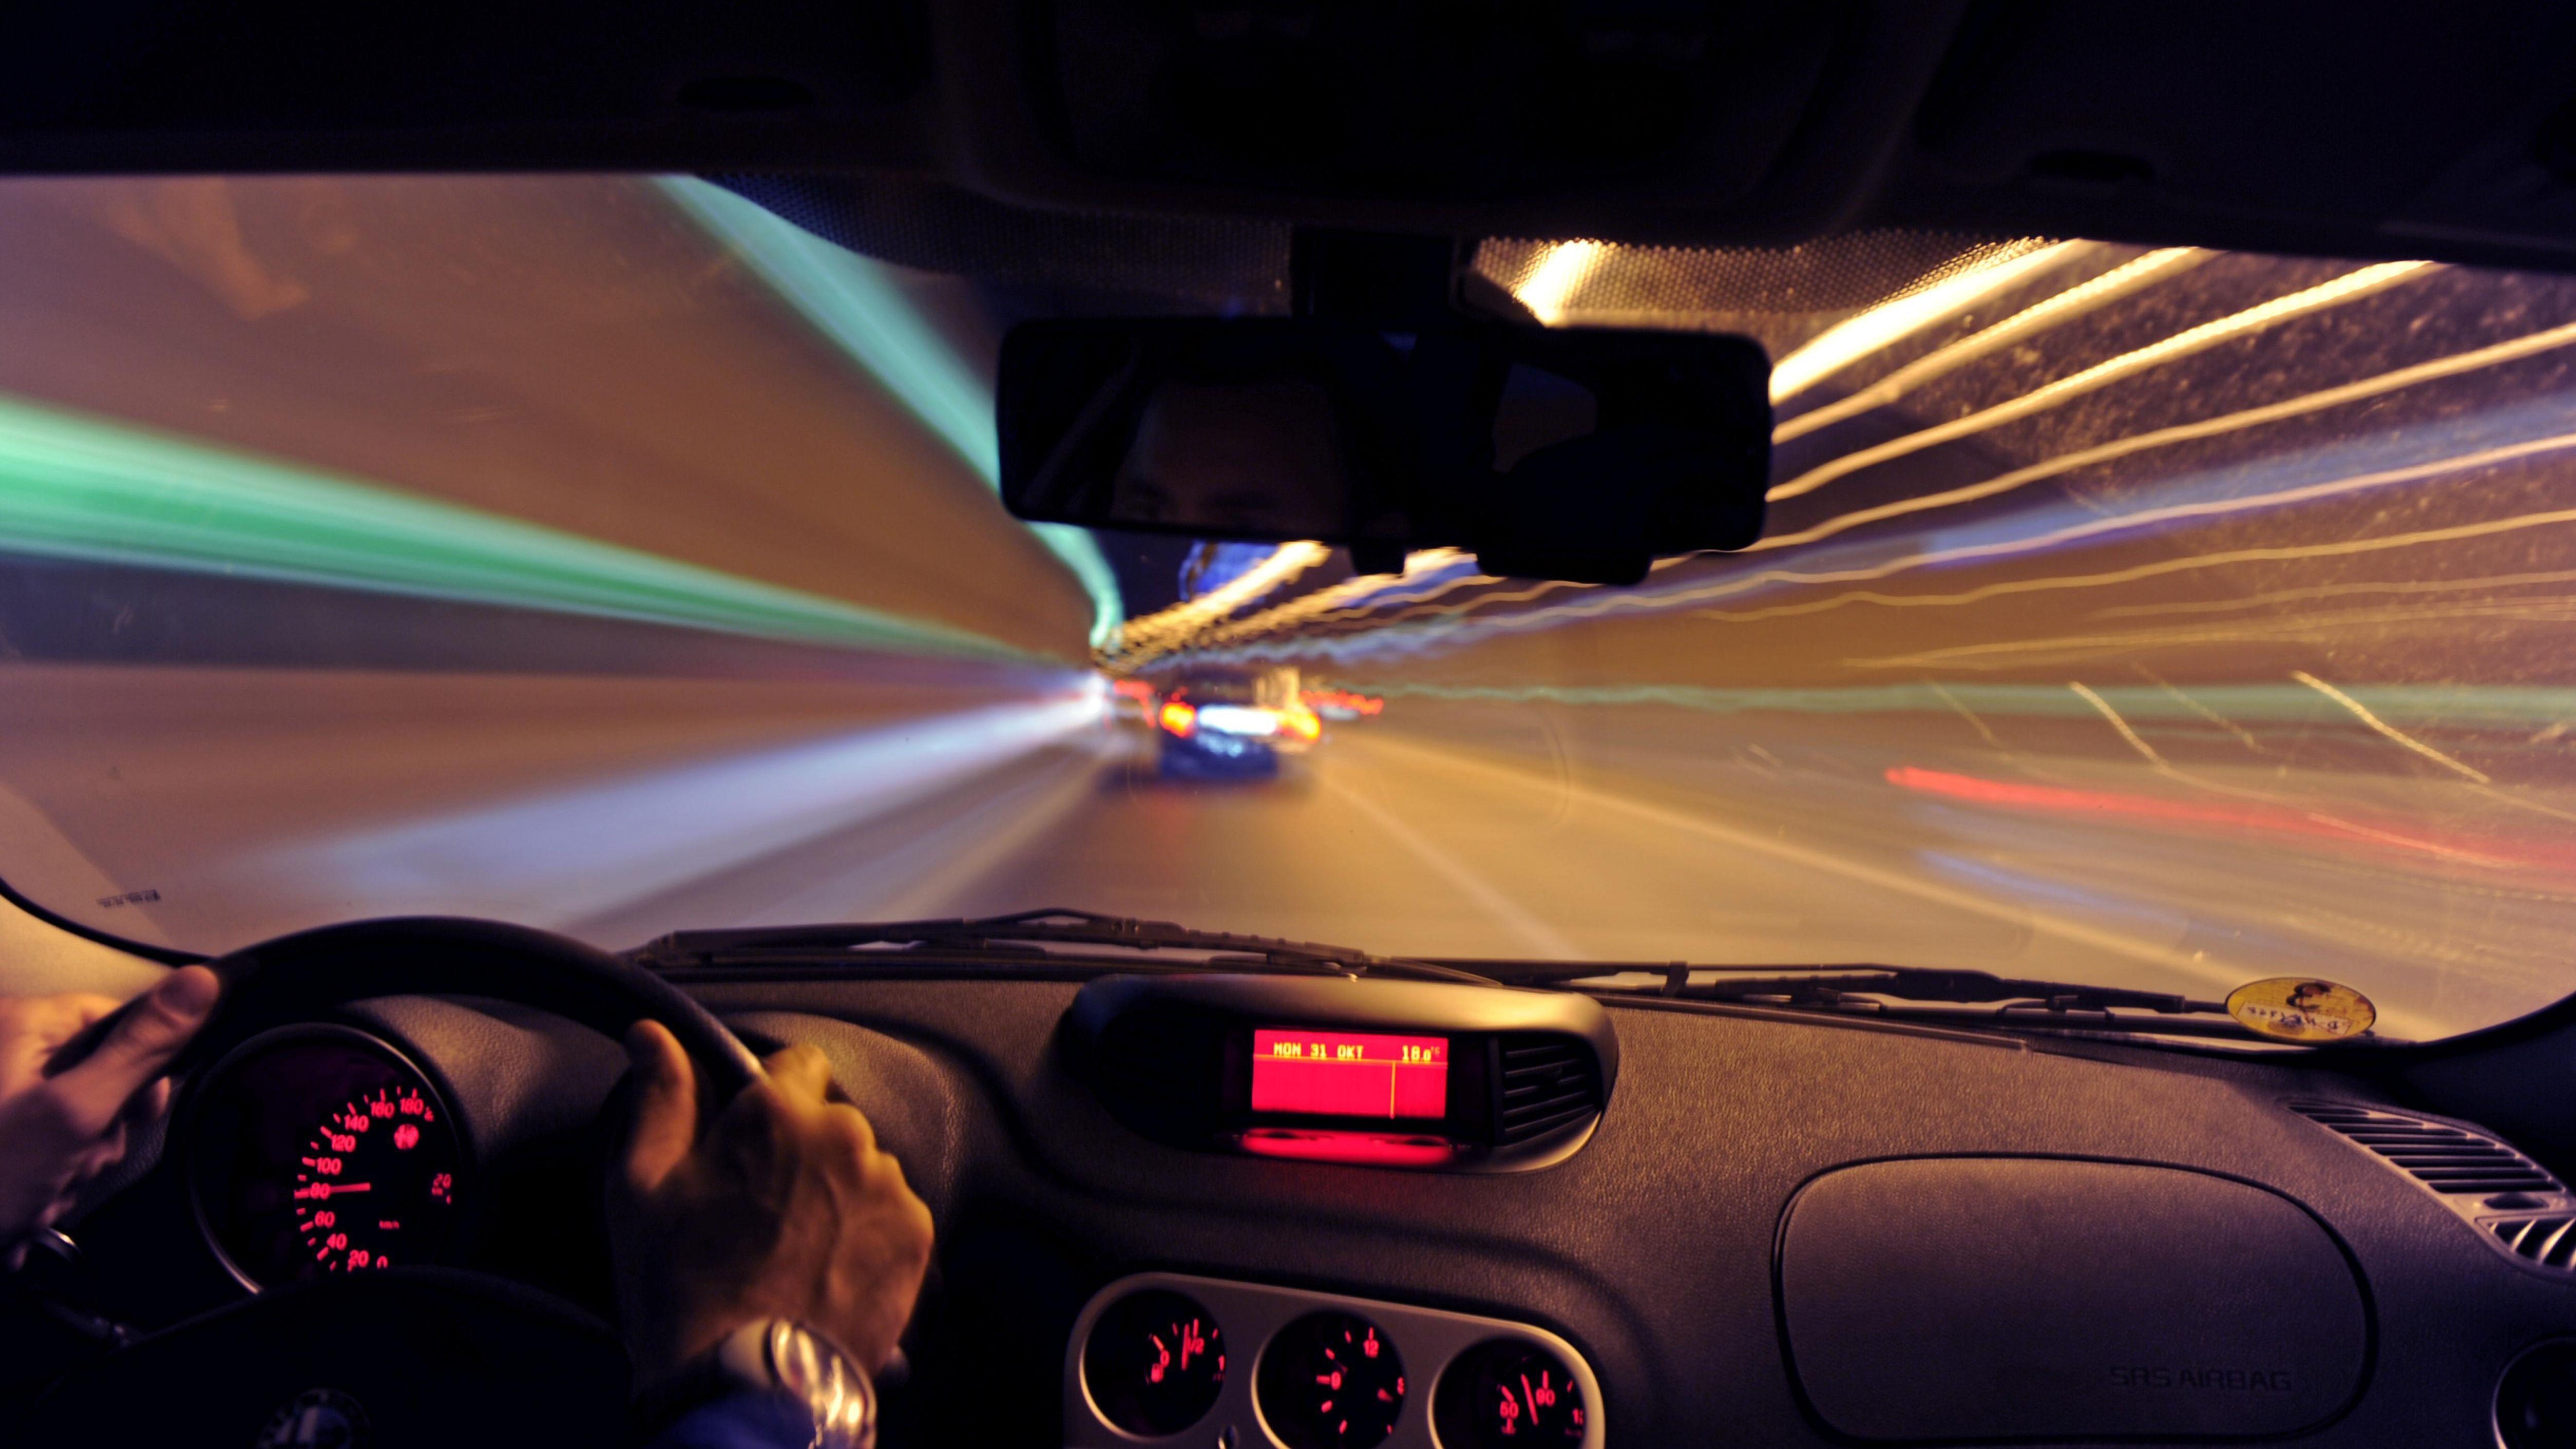 Auto rast durch Tunnel. (Symbolbild)